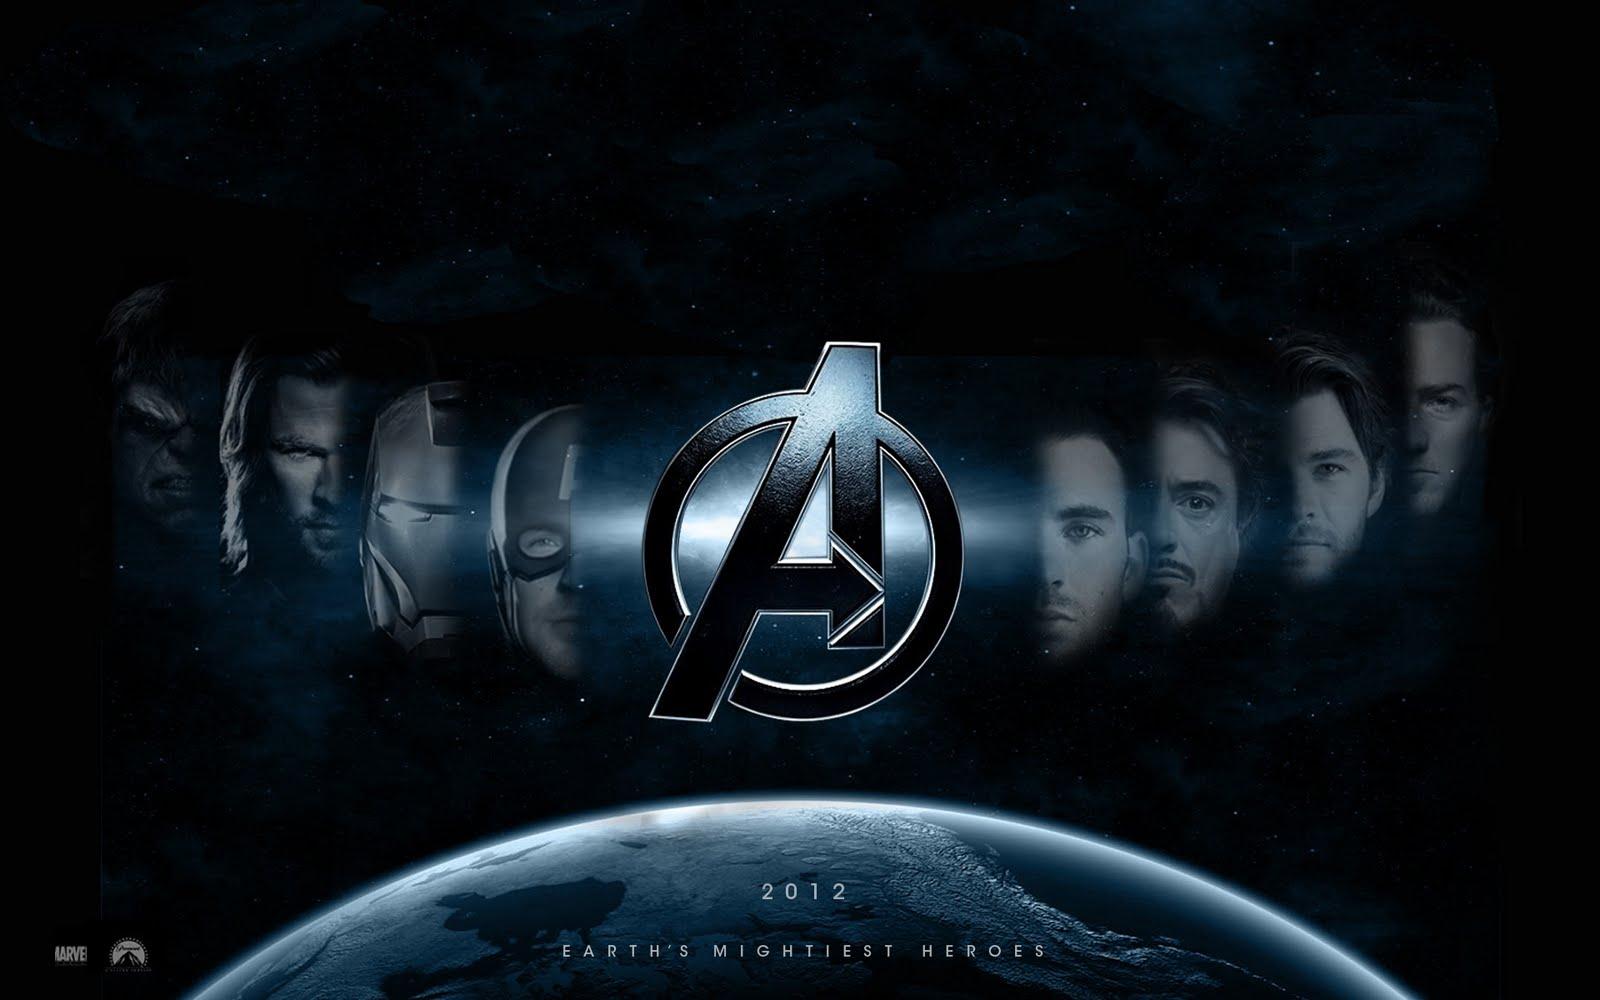 http://3.bp.blogspot.com/-O7ig4zeh2lg/T597cSaU3CI/AAAAAAAAAjU/gC44ZpTKzbU/s1600/The-Avengers-wallpaper.jpg